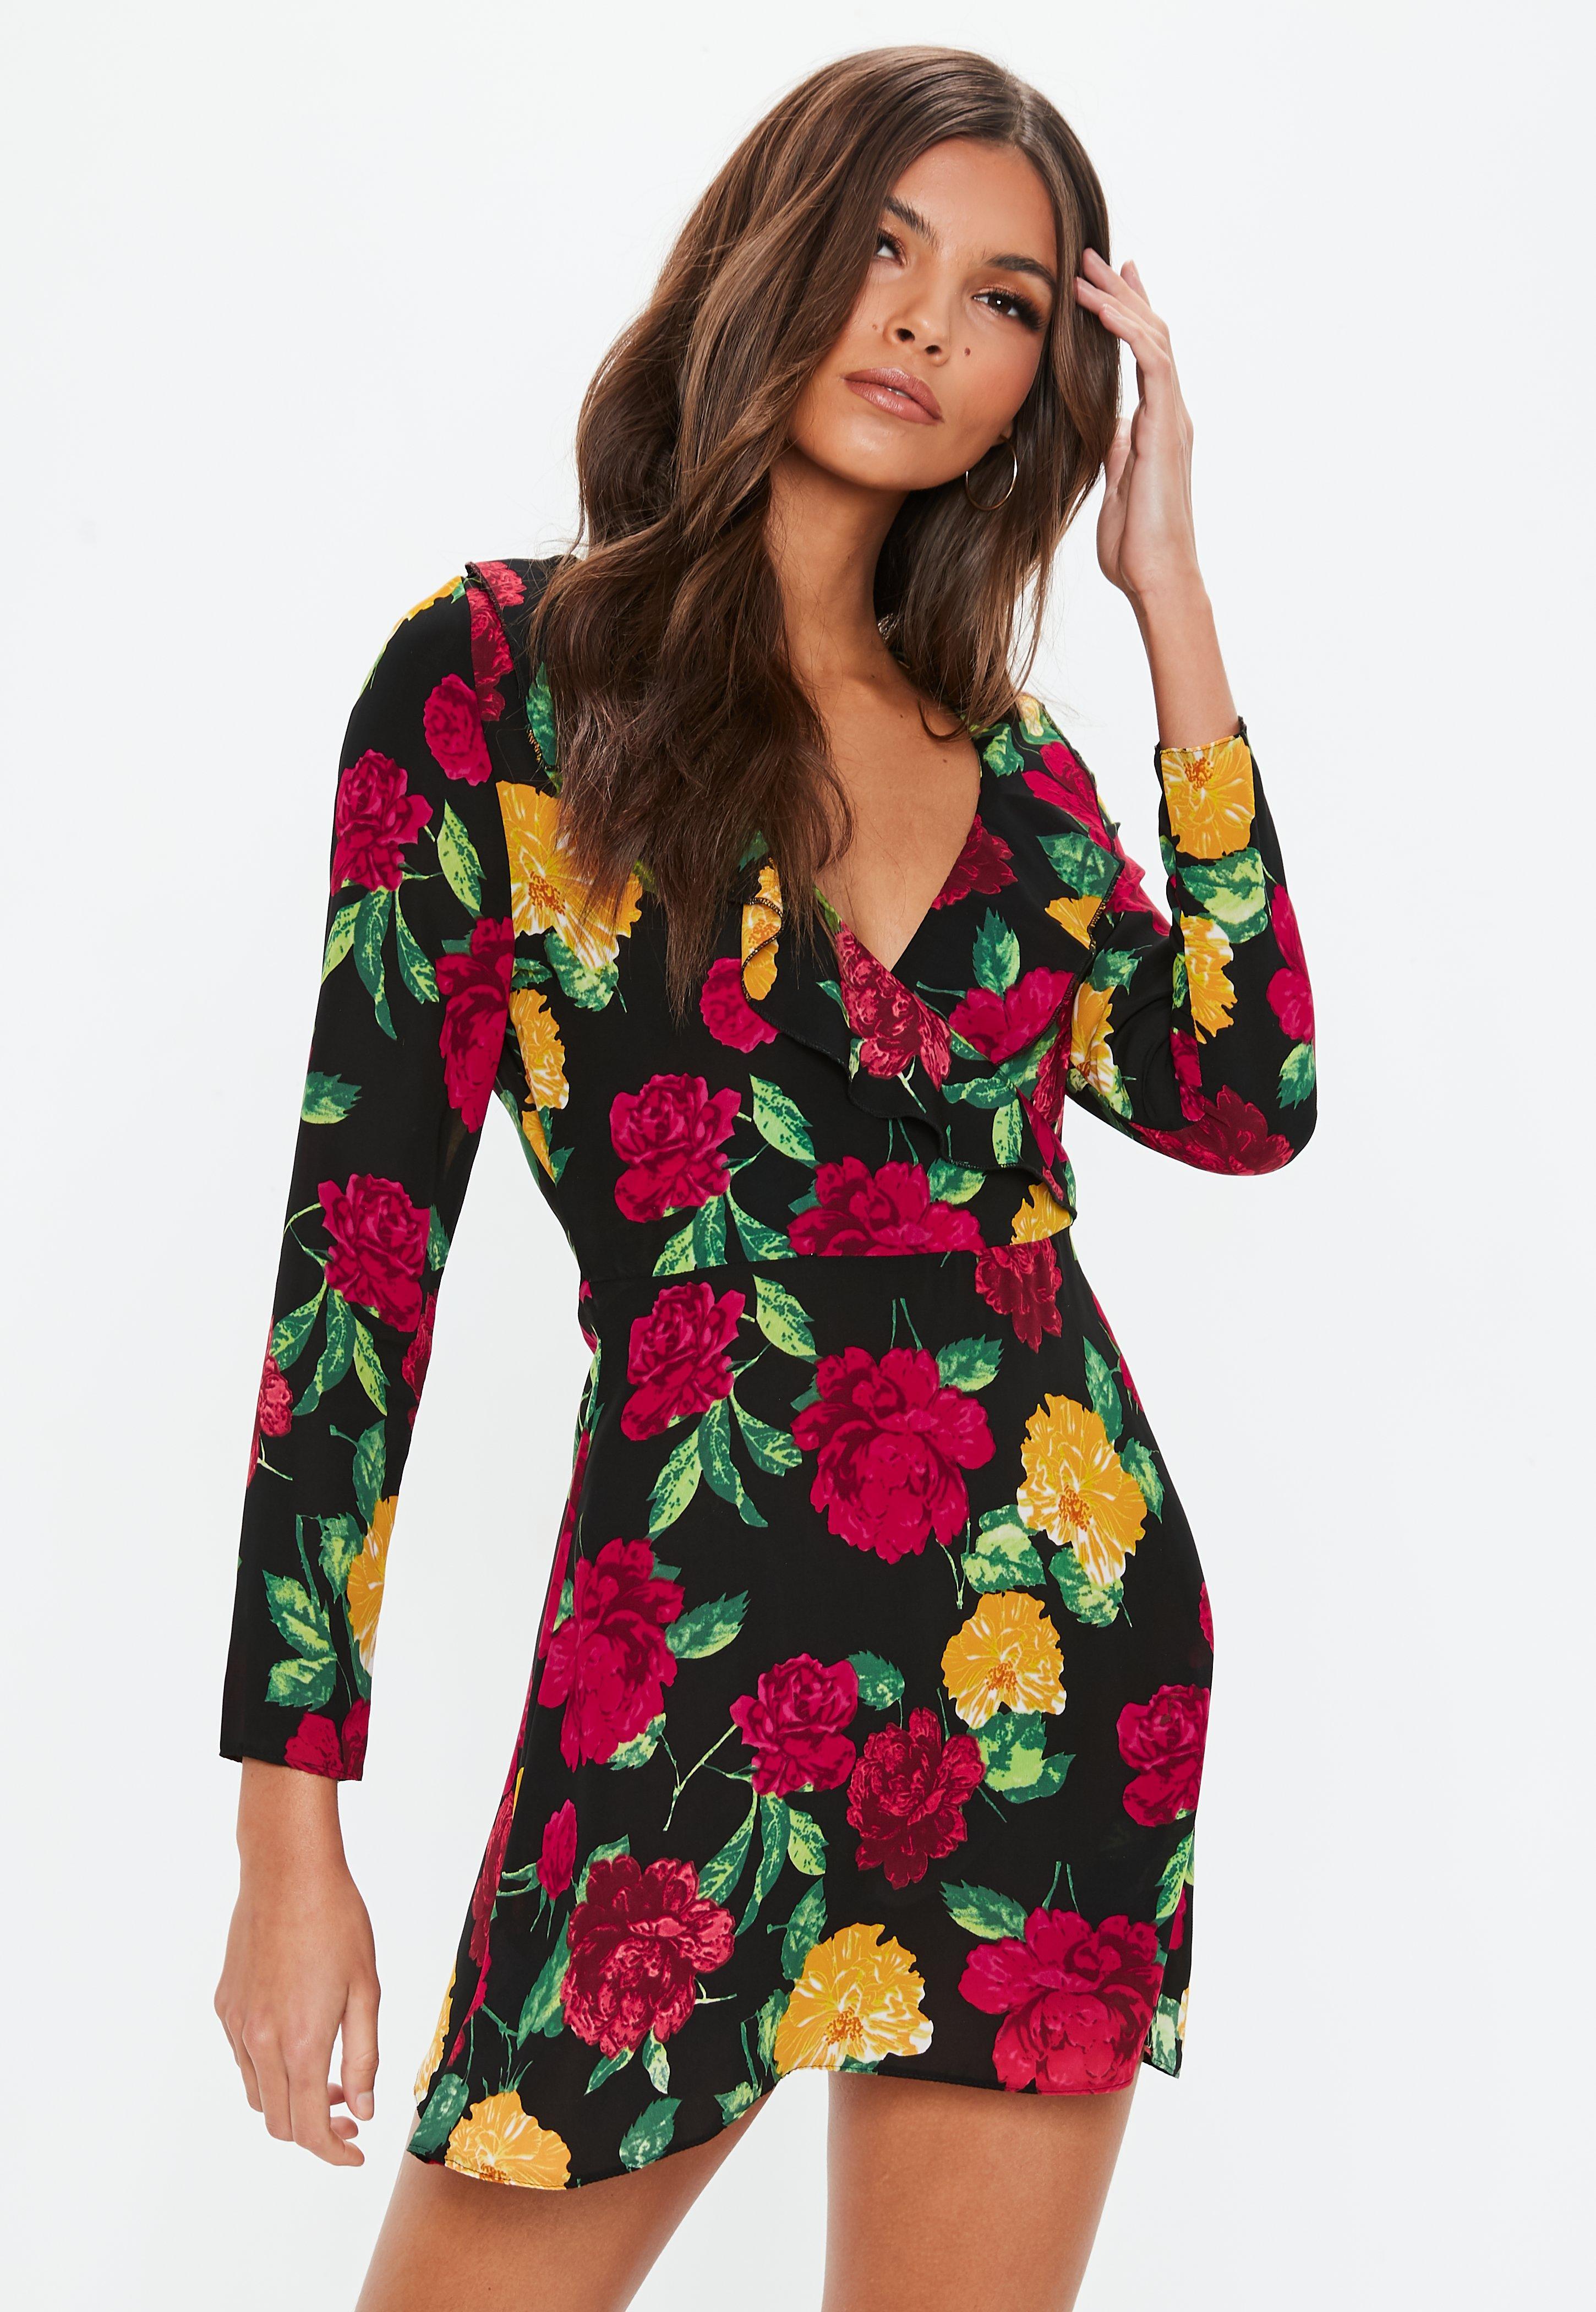 8452d95b23a59 Cheap Petite Clothing | Women's Petite Sale - Missguided IE